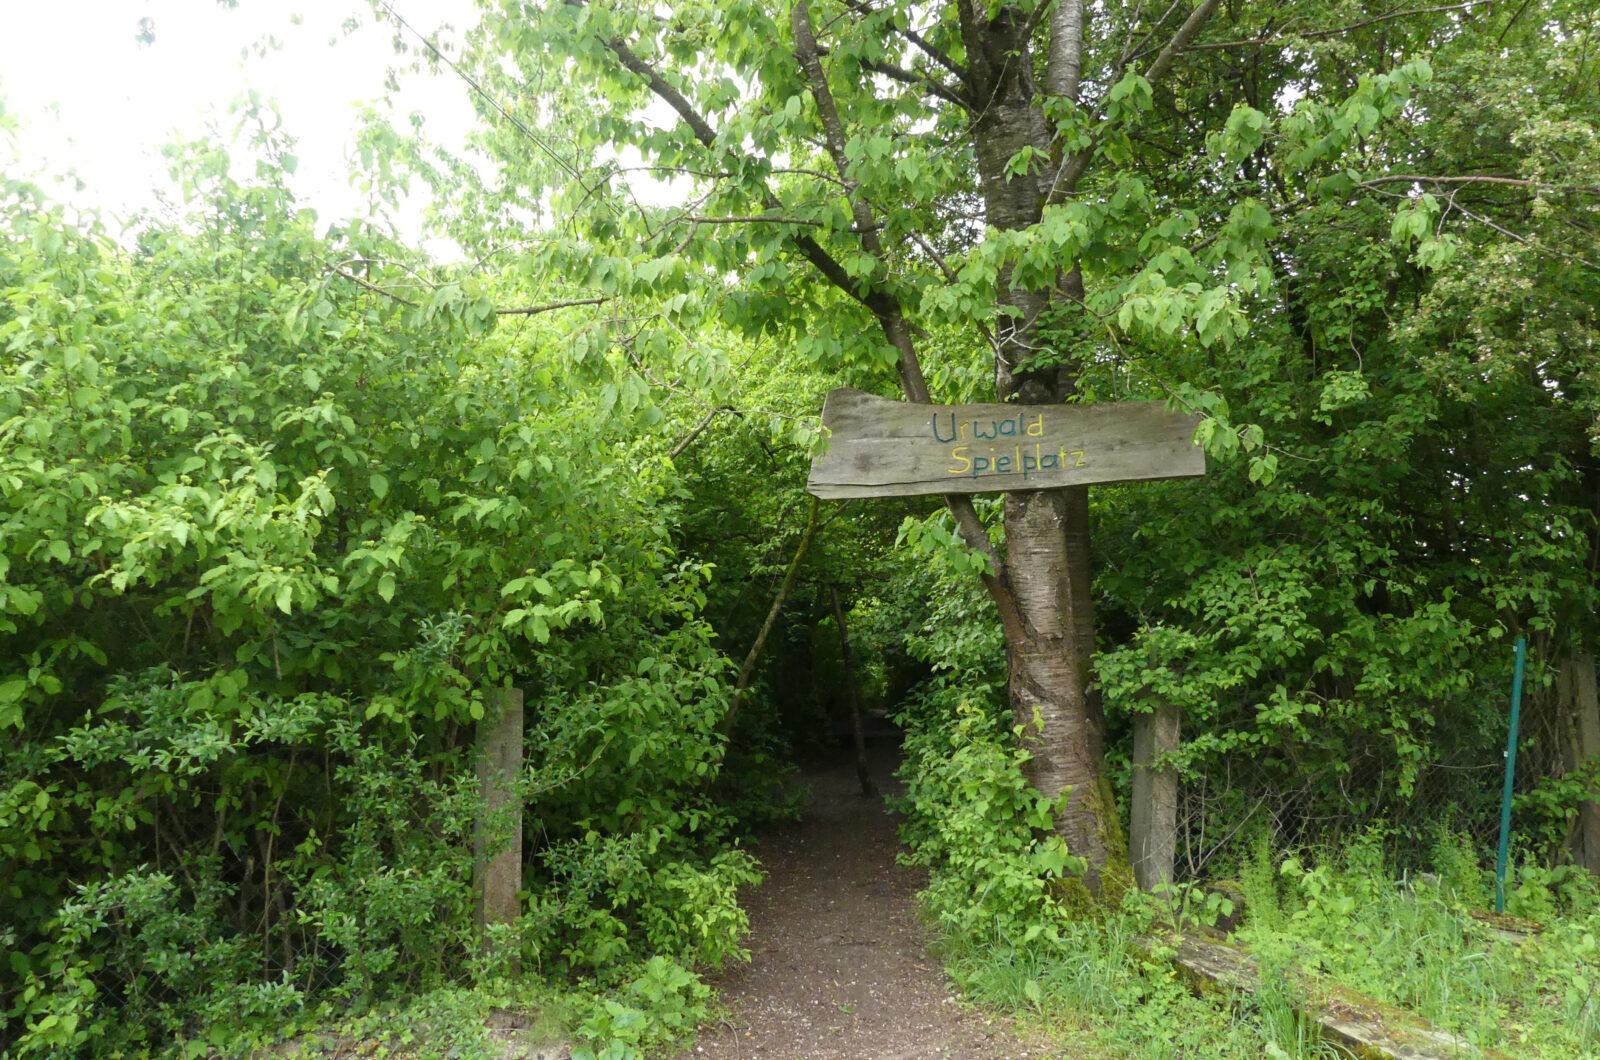 Urwaldspielplatz